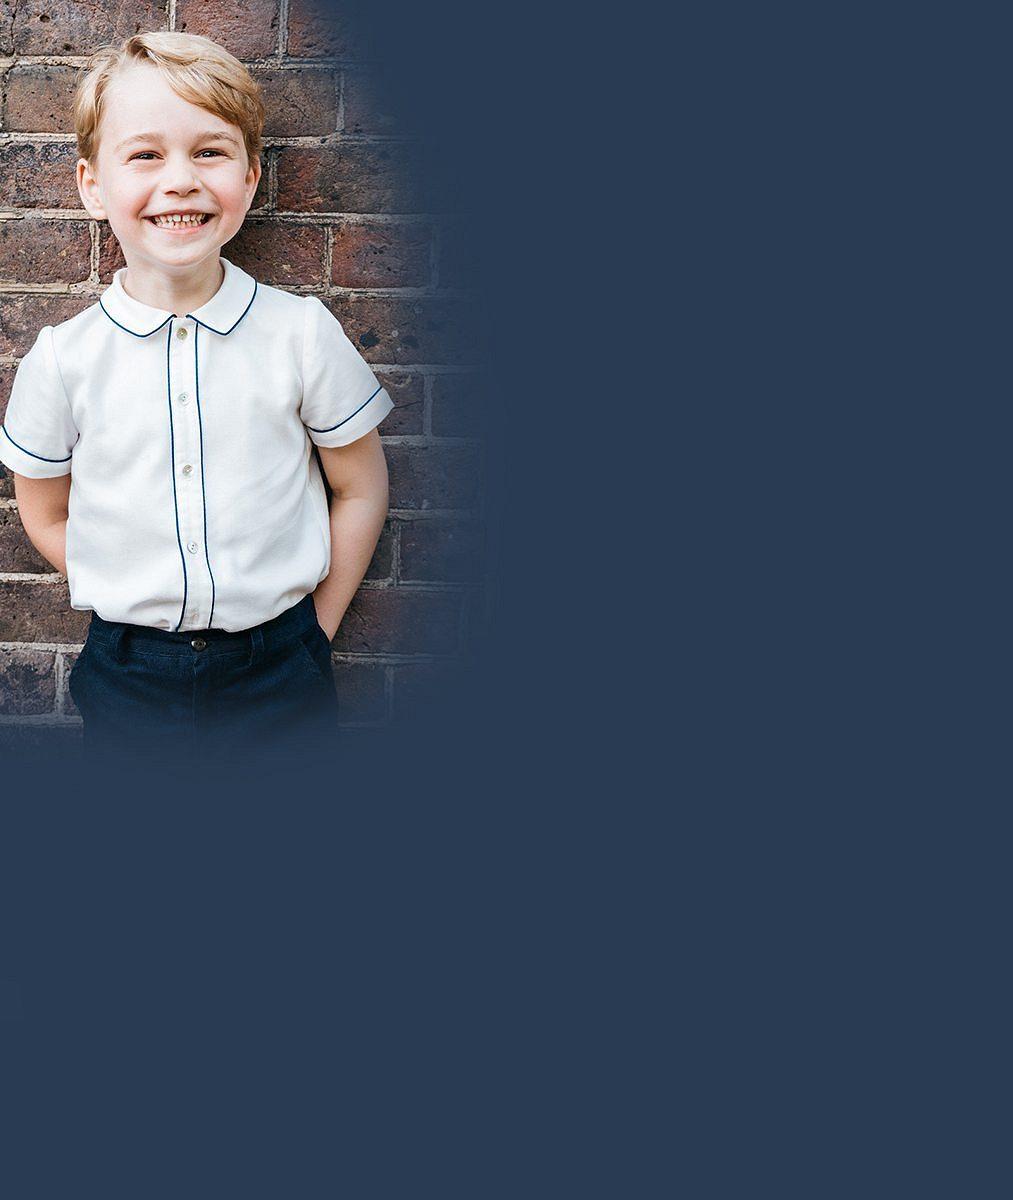 V pěti letech už je jedním z nejlépe oblékaných Britů! Jeho roztomilost princ George zabodoval svetříky a ponožkami